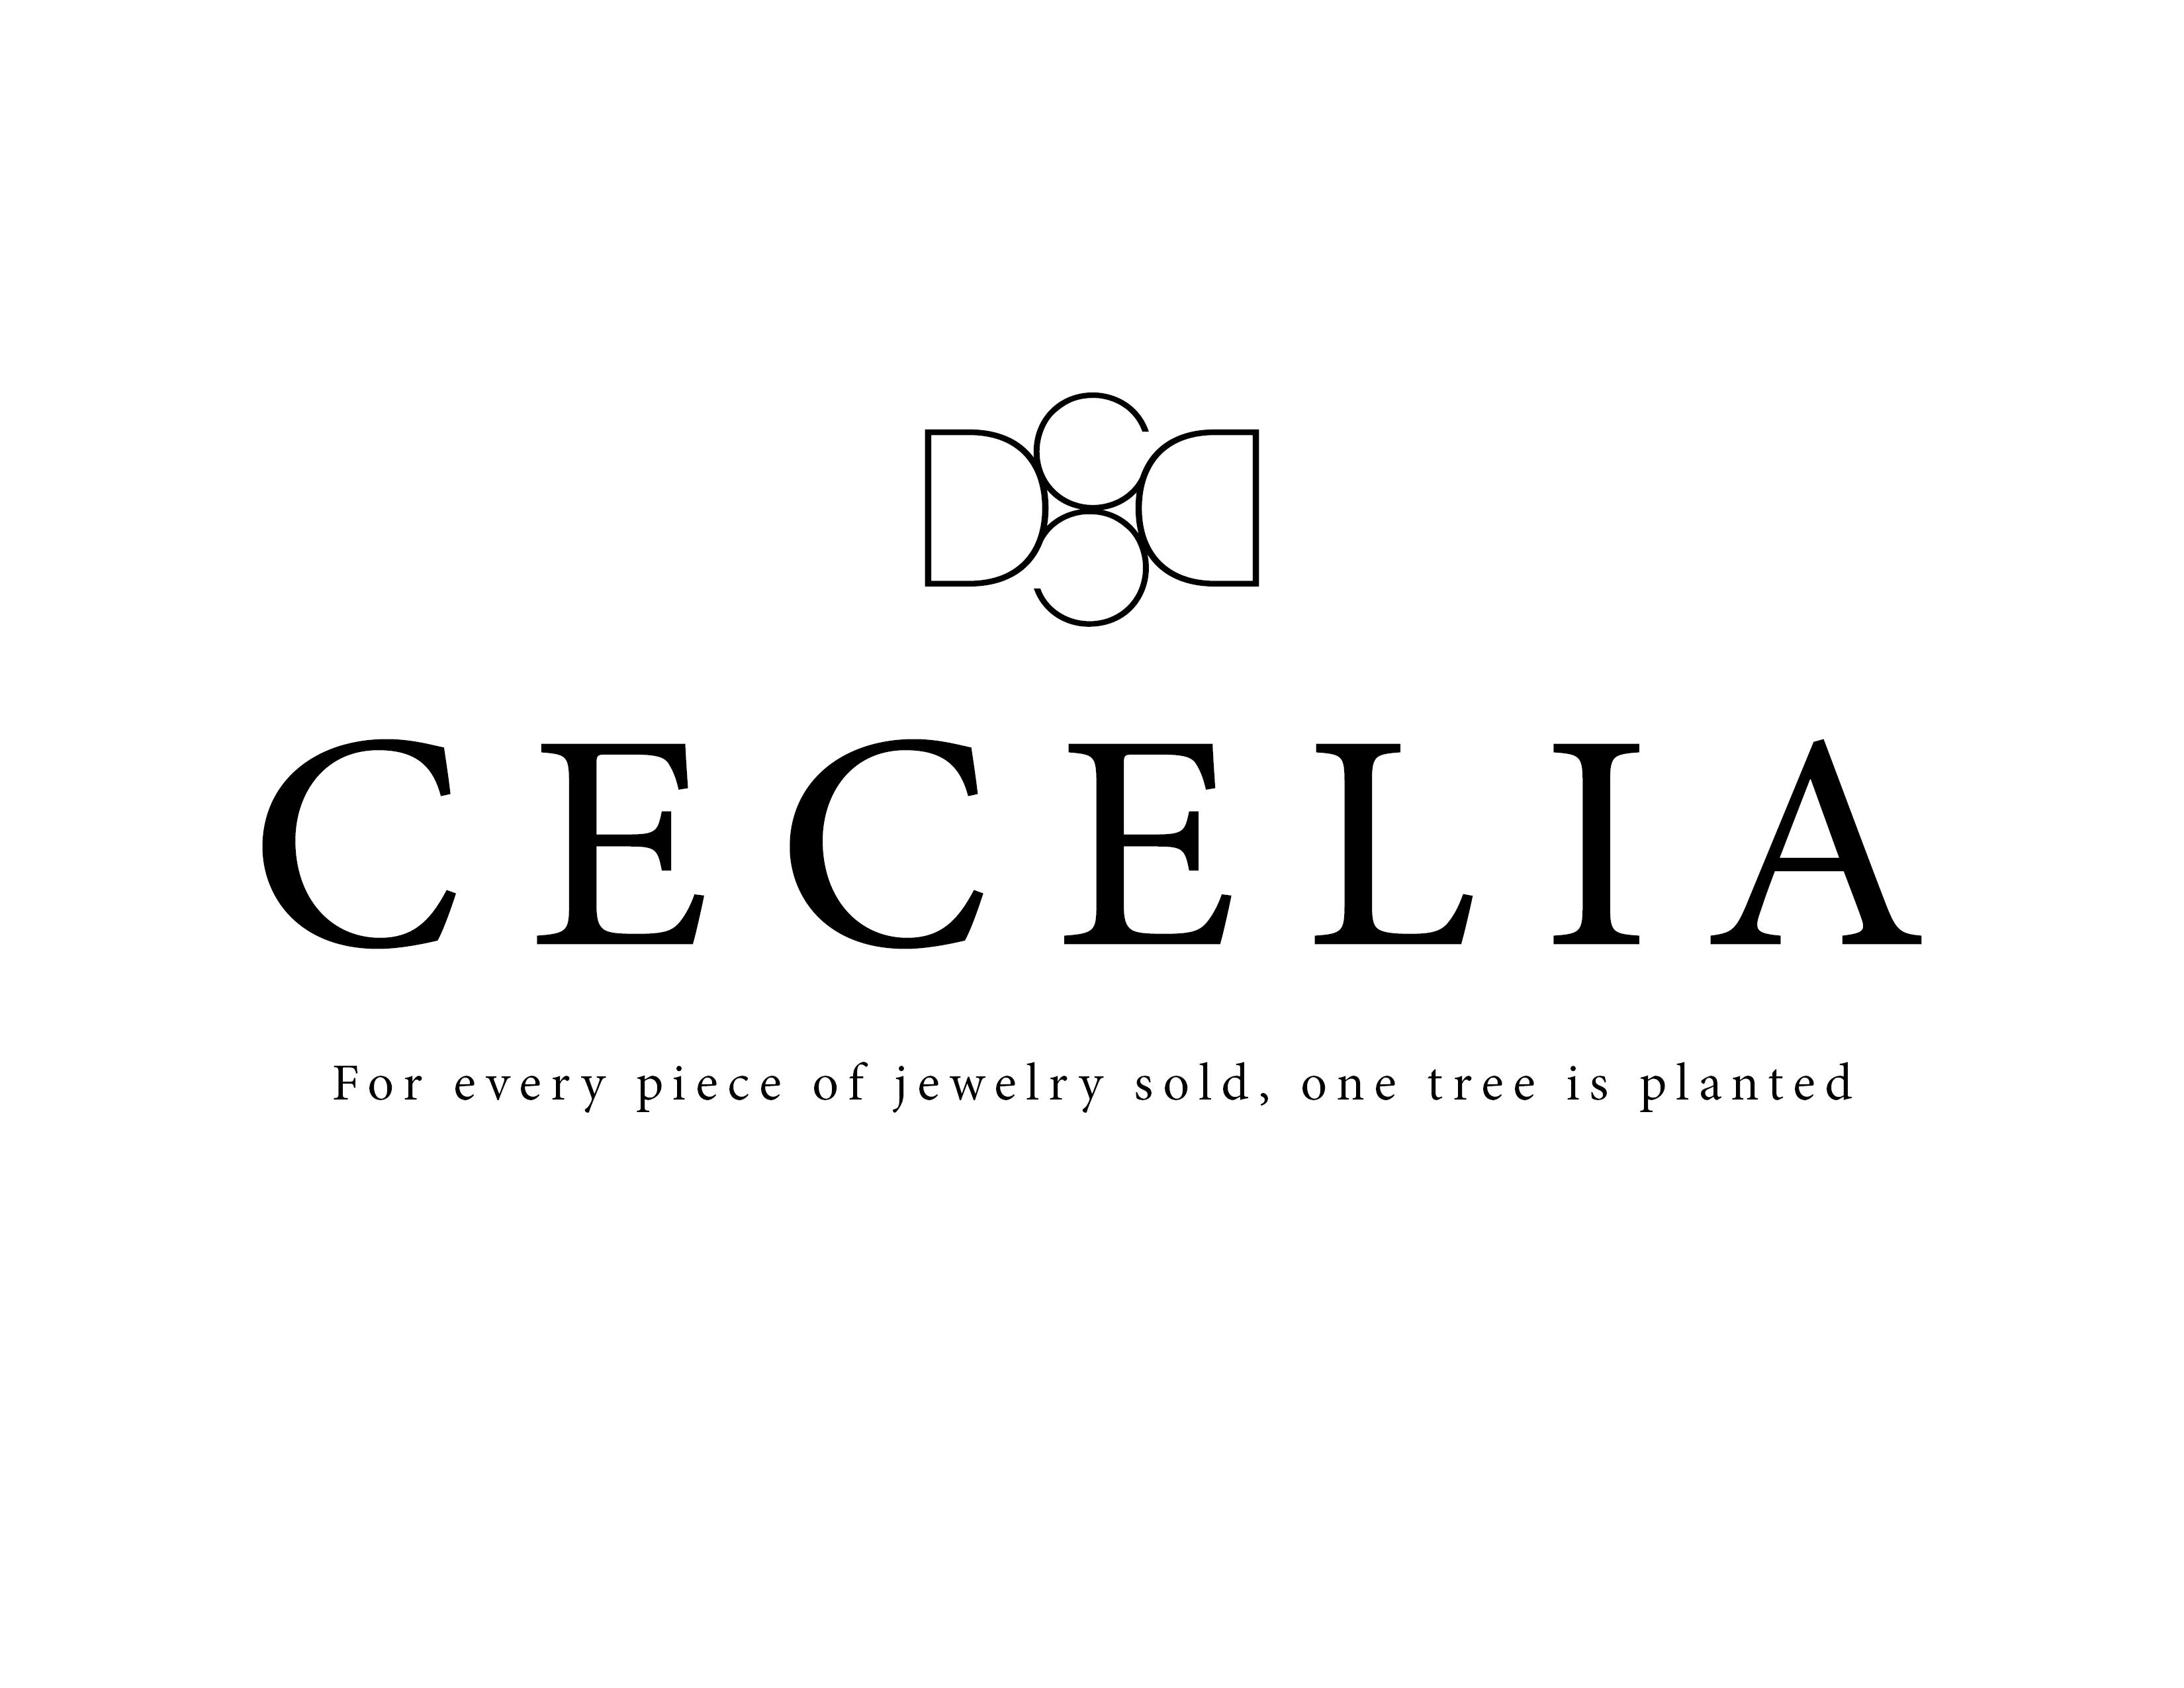 Cecelia logo